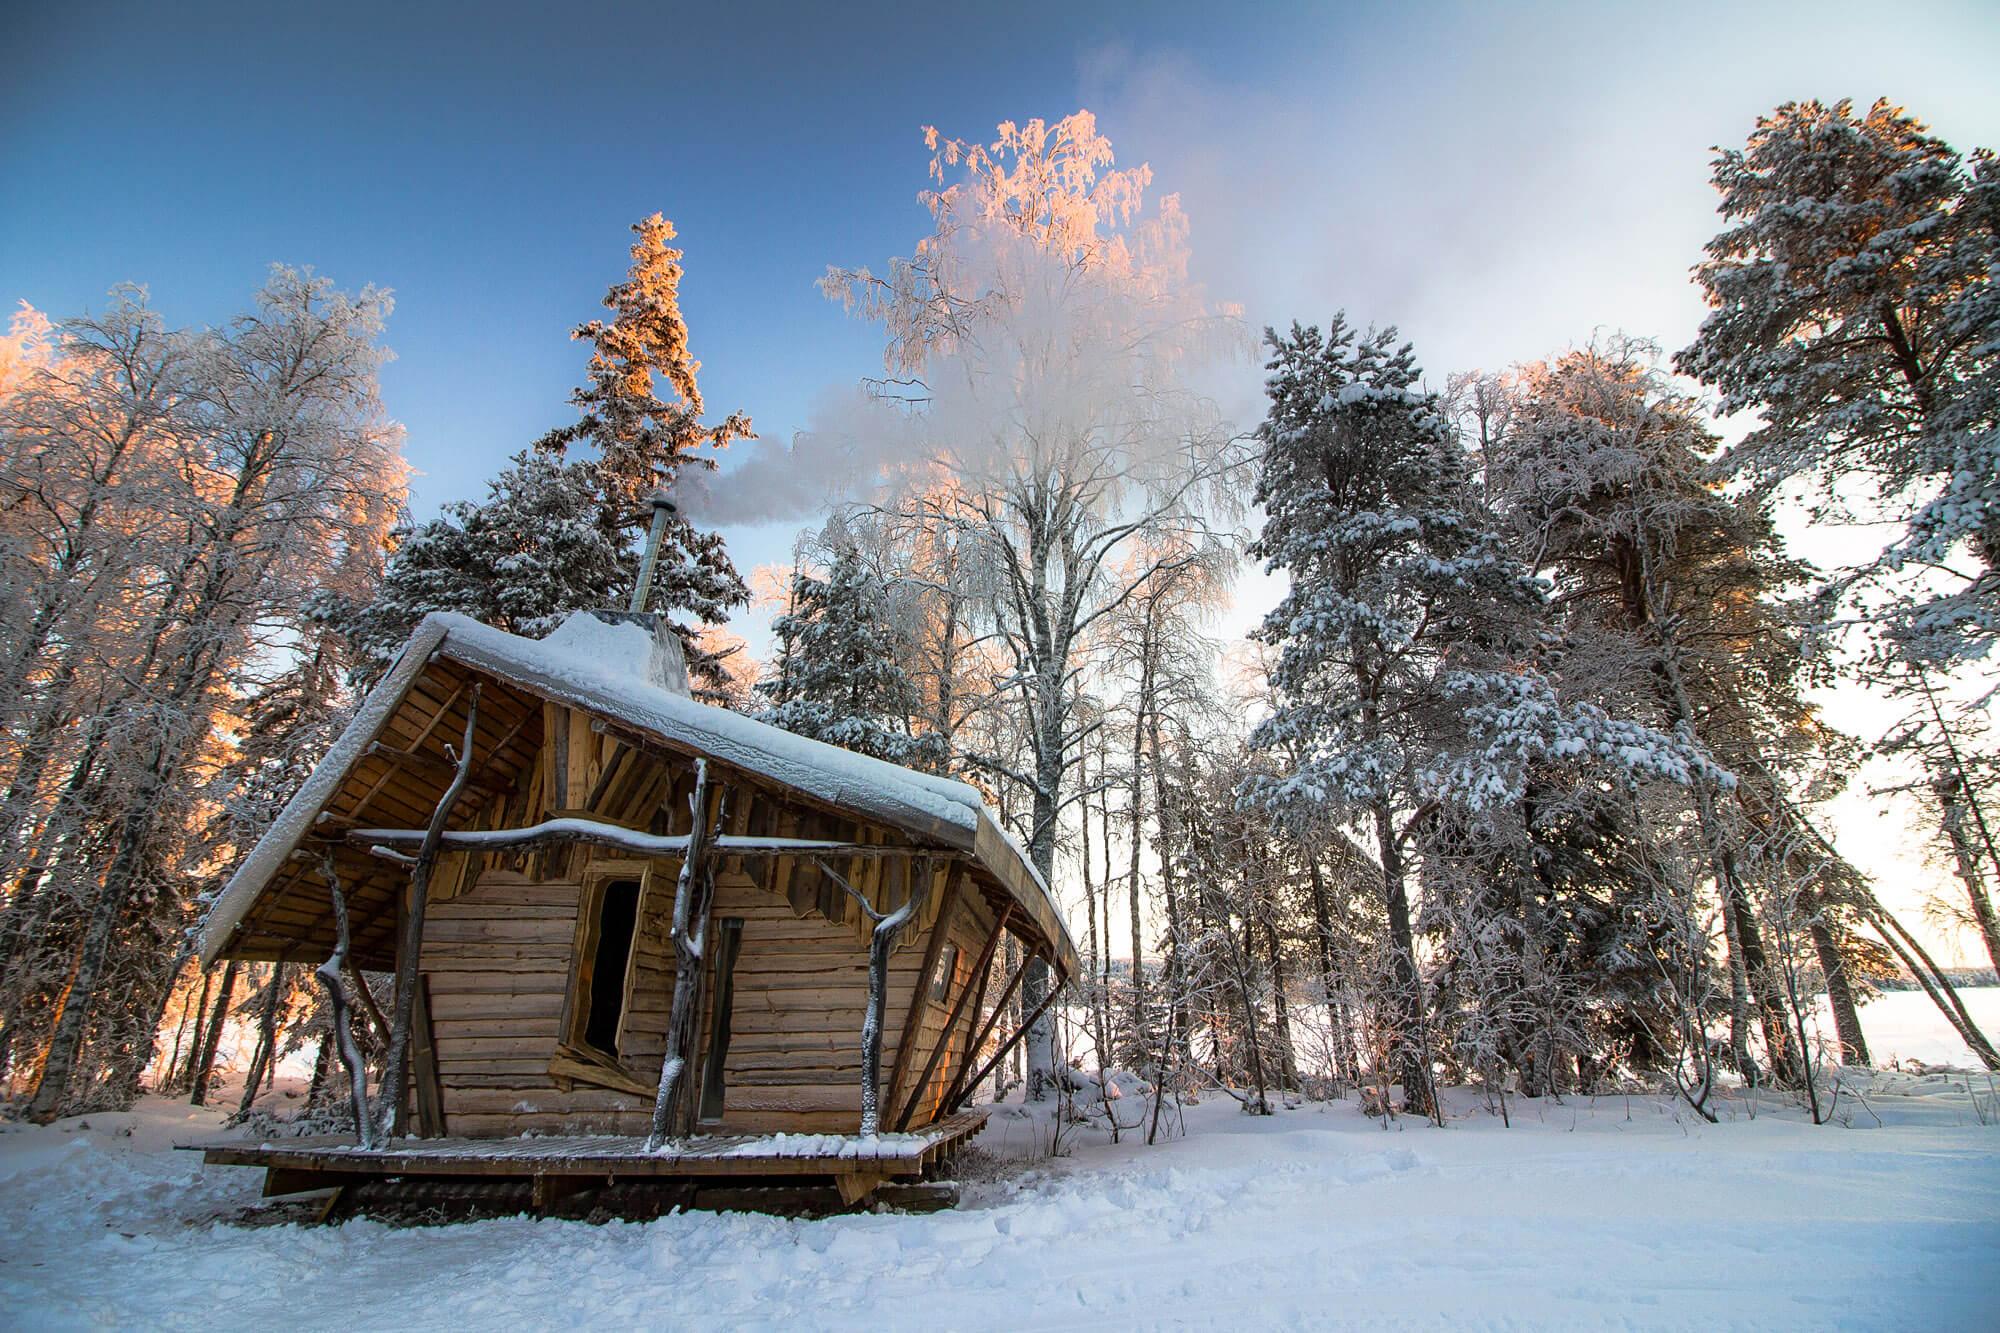 Cabane insolites sur une île en Laponie